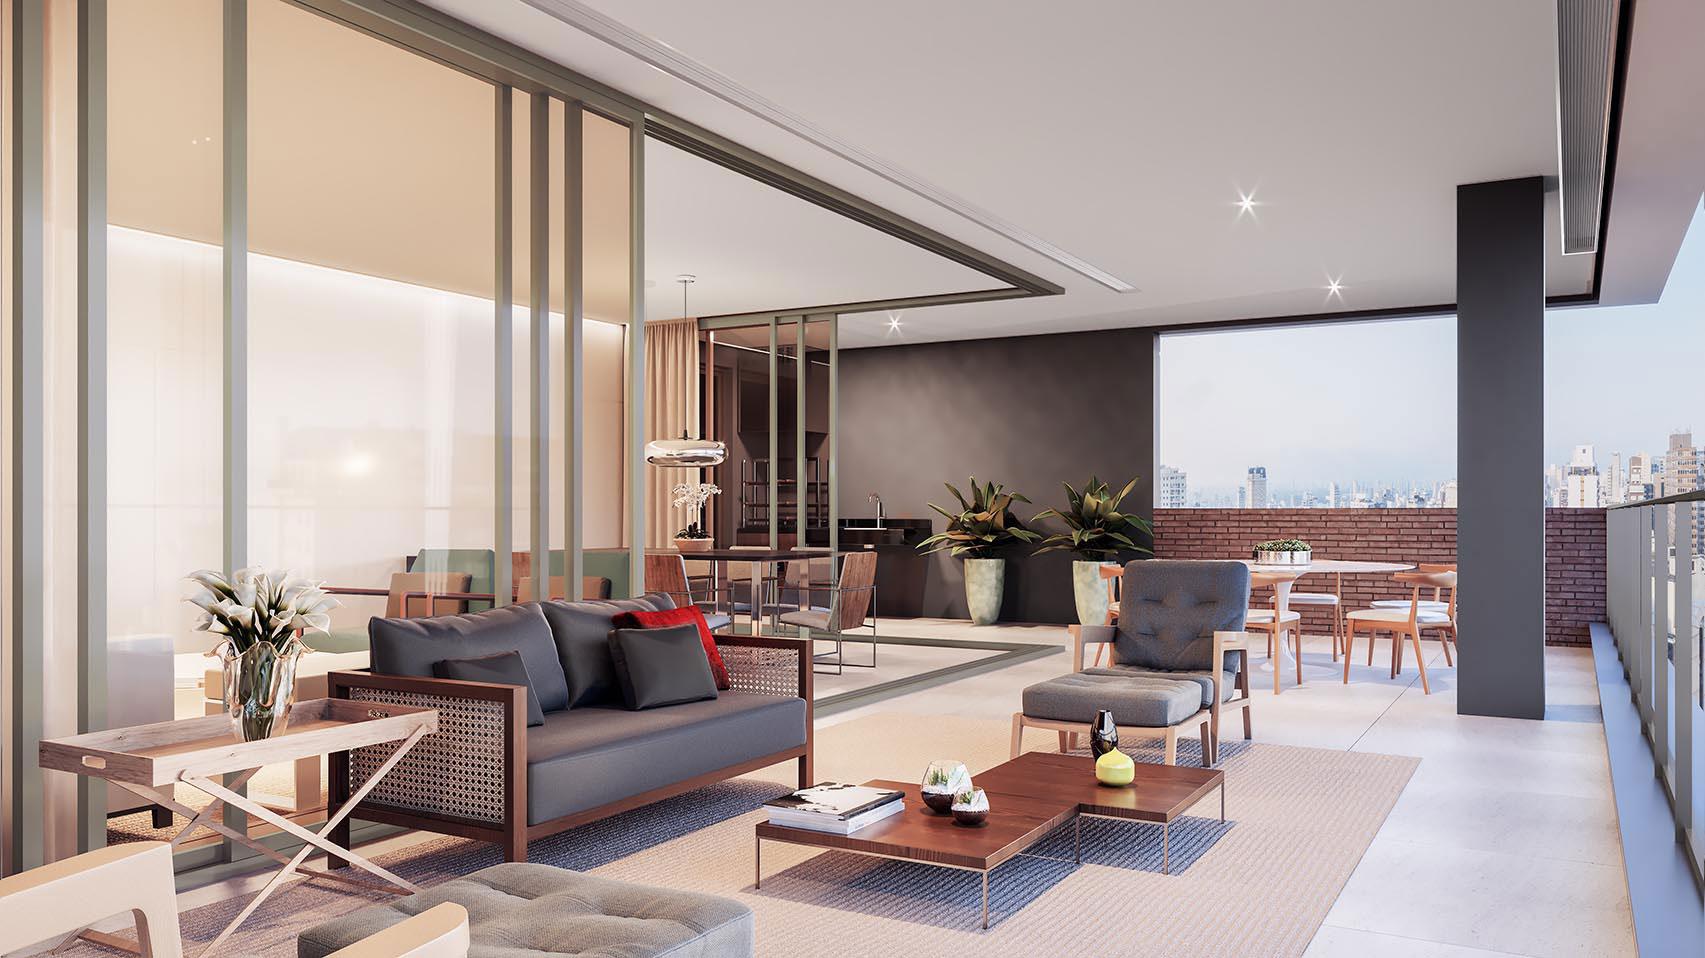 beyond-jardins-campinas-600-cobertura-475m-4-suites-5-vagas